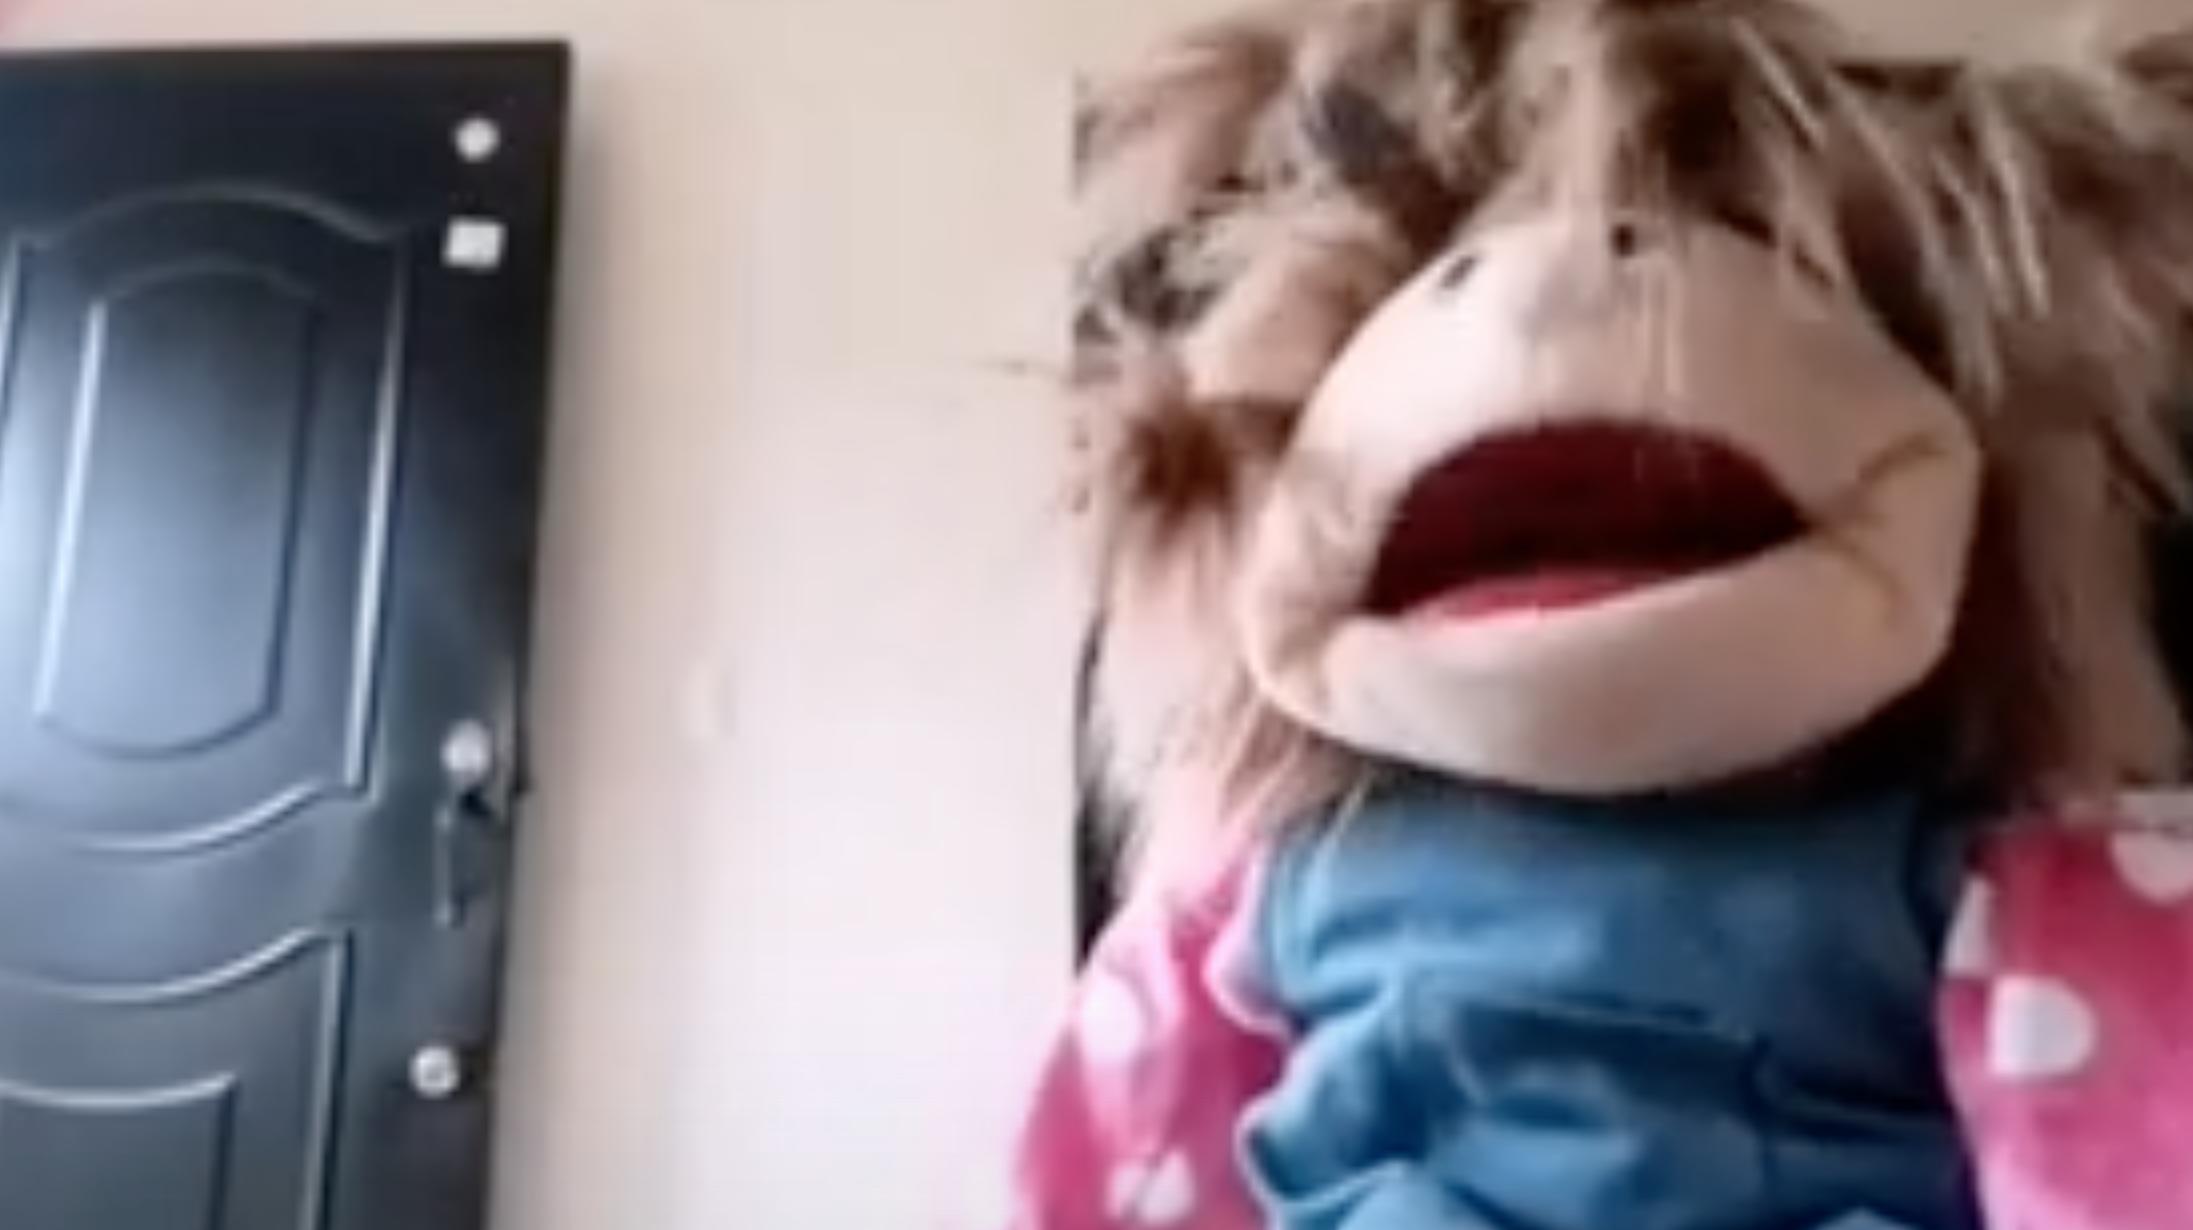 Youtube-Video von der kolumbianischen Lotte, klicke, um zu Youtube zu wechseln und das Video anzusehen.